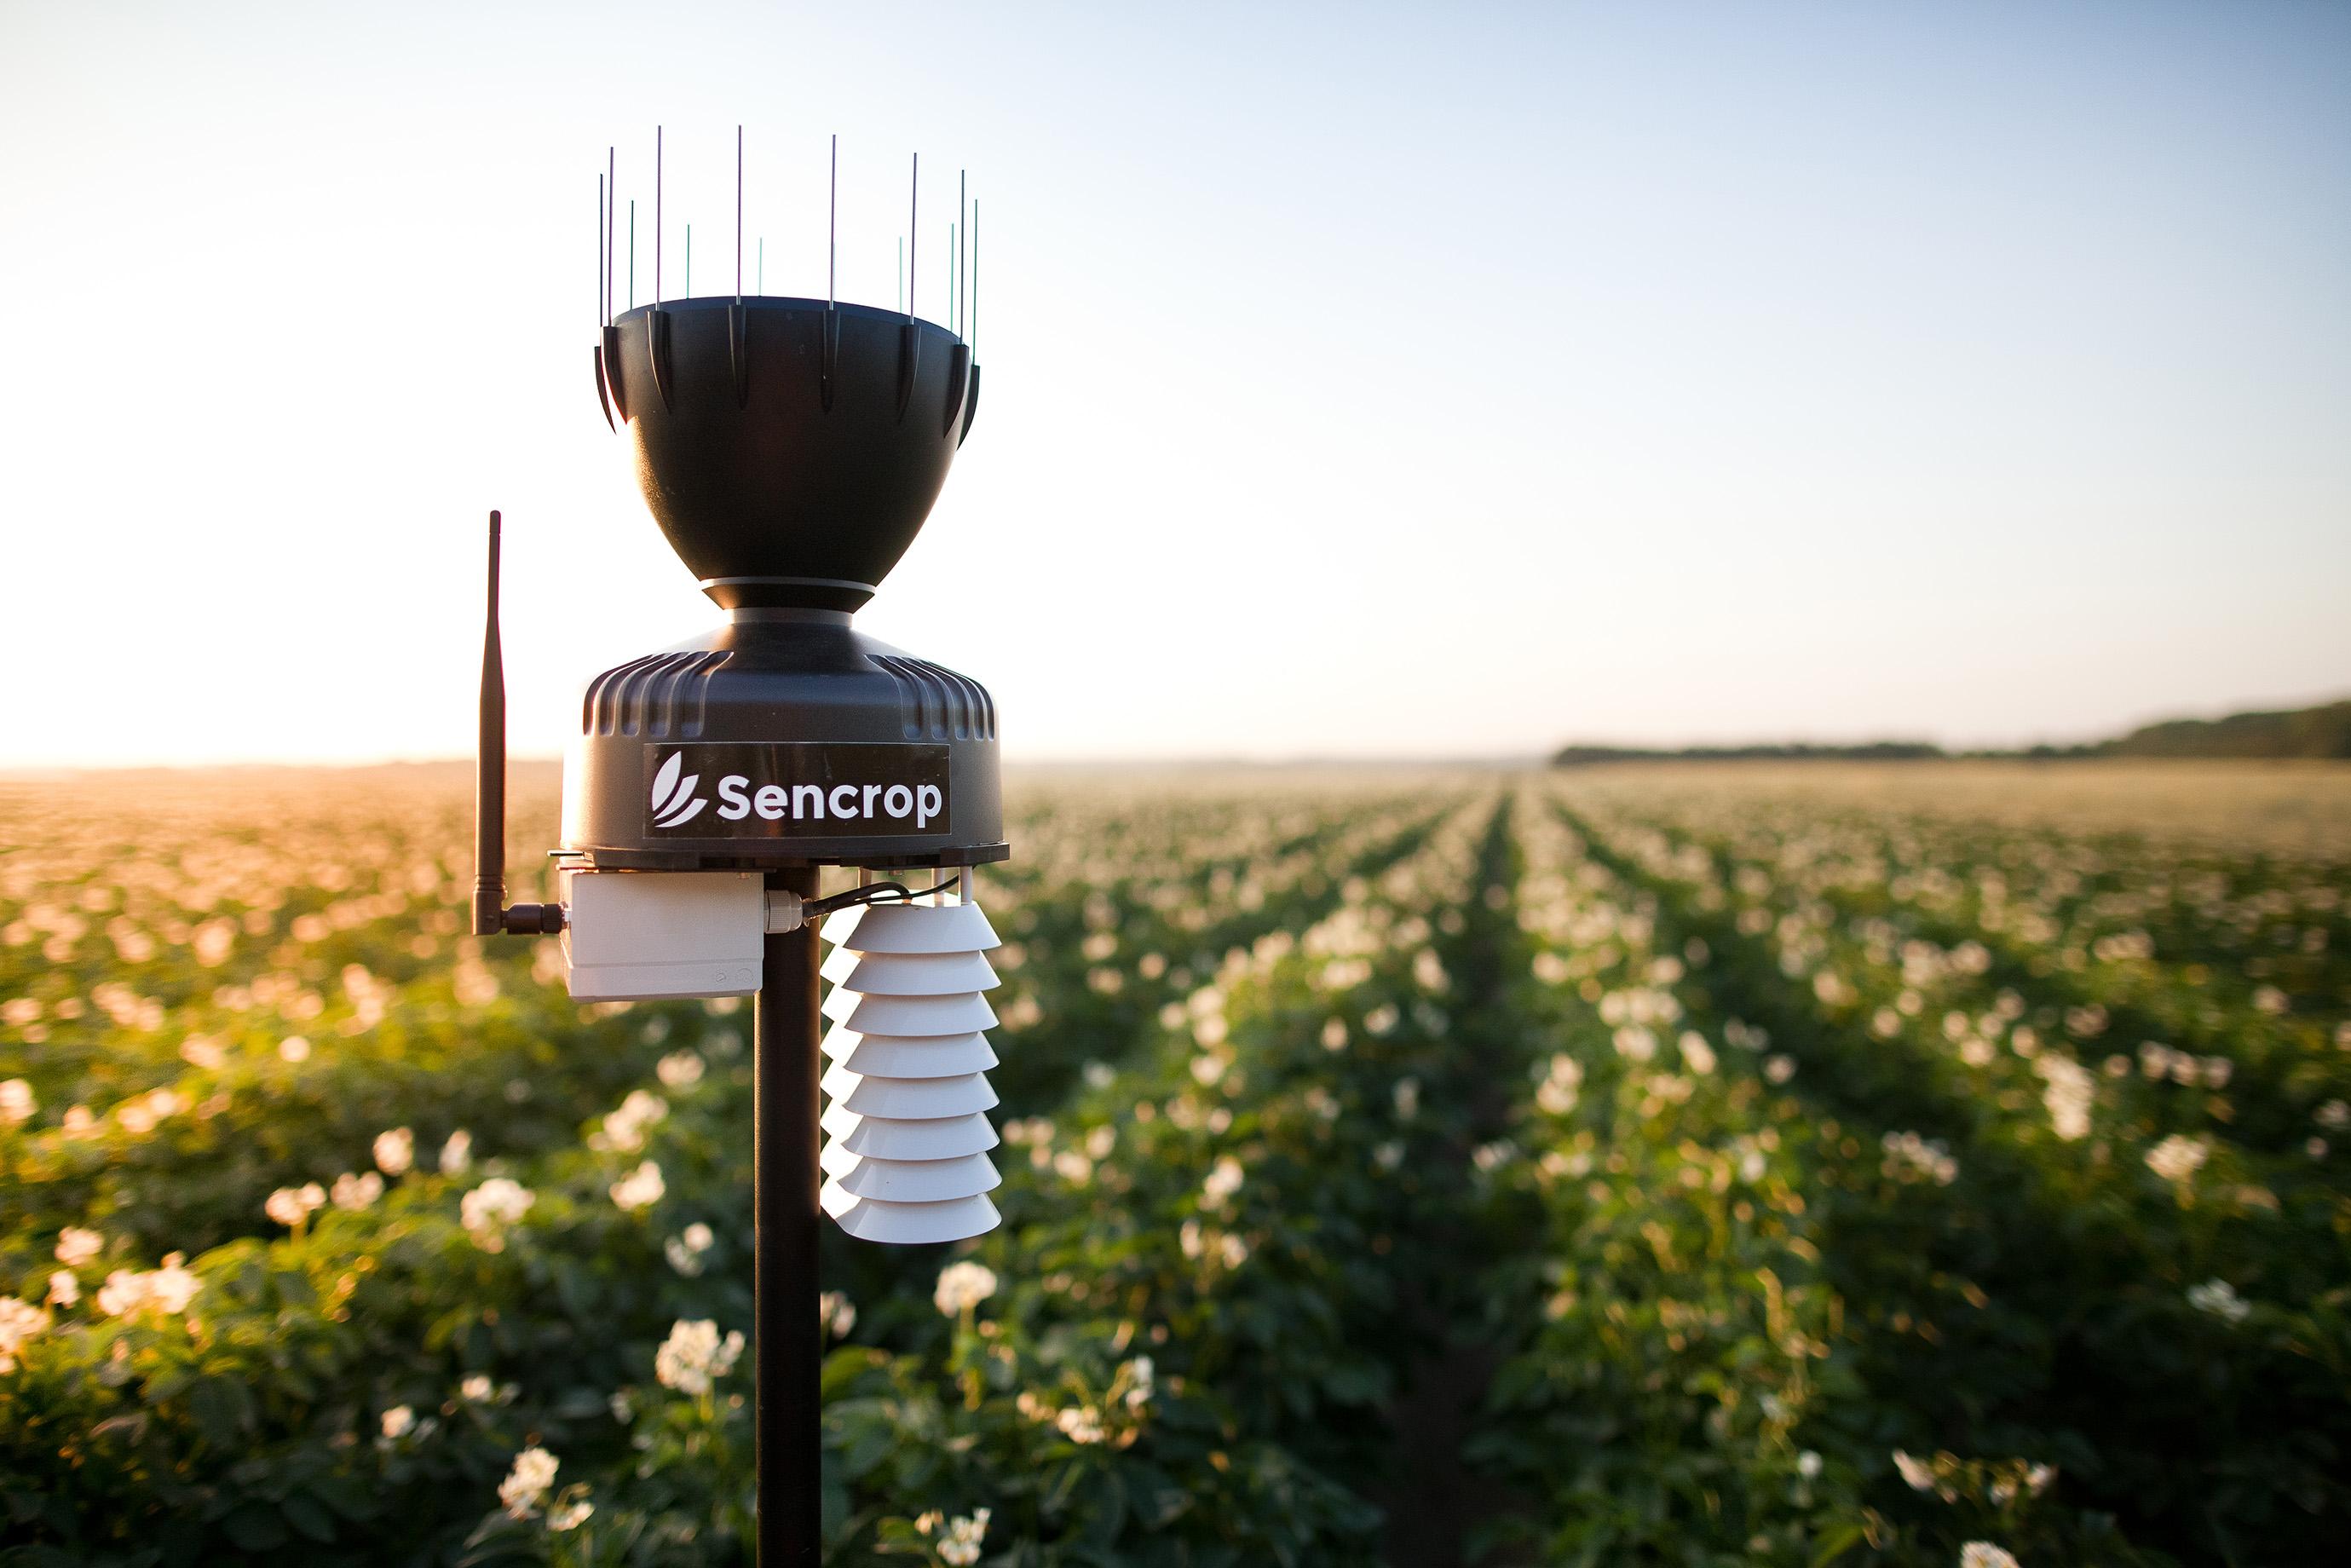 Avec Sencrop, la Métropole Européenne de Lille teste la météo en temps réel auprès  d'un panel d'agriculteurs du territoire.